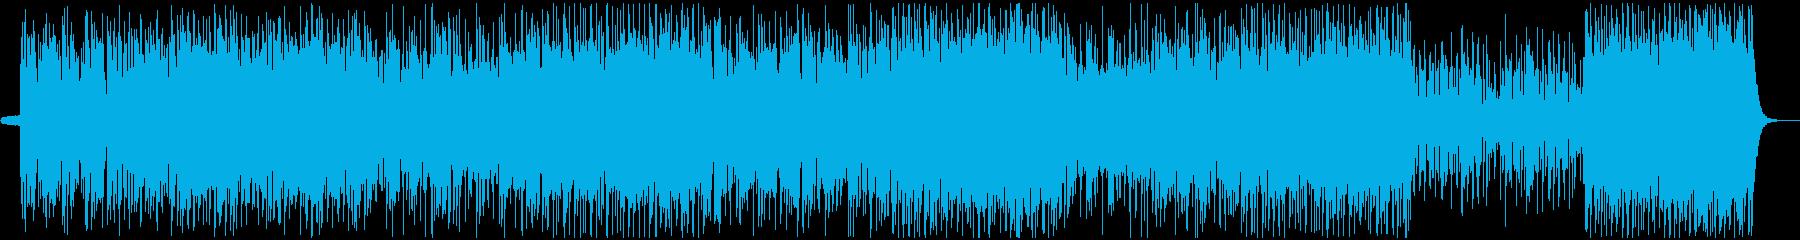 有名なケルト・アイルランド曲の再生済みの波形